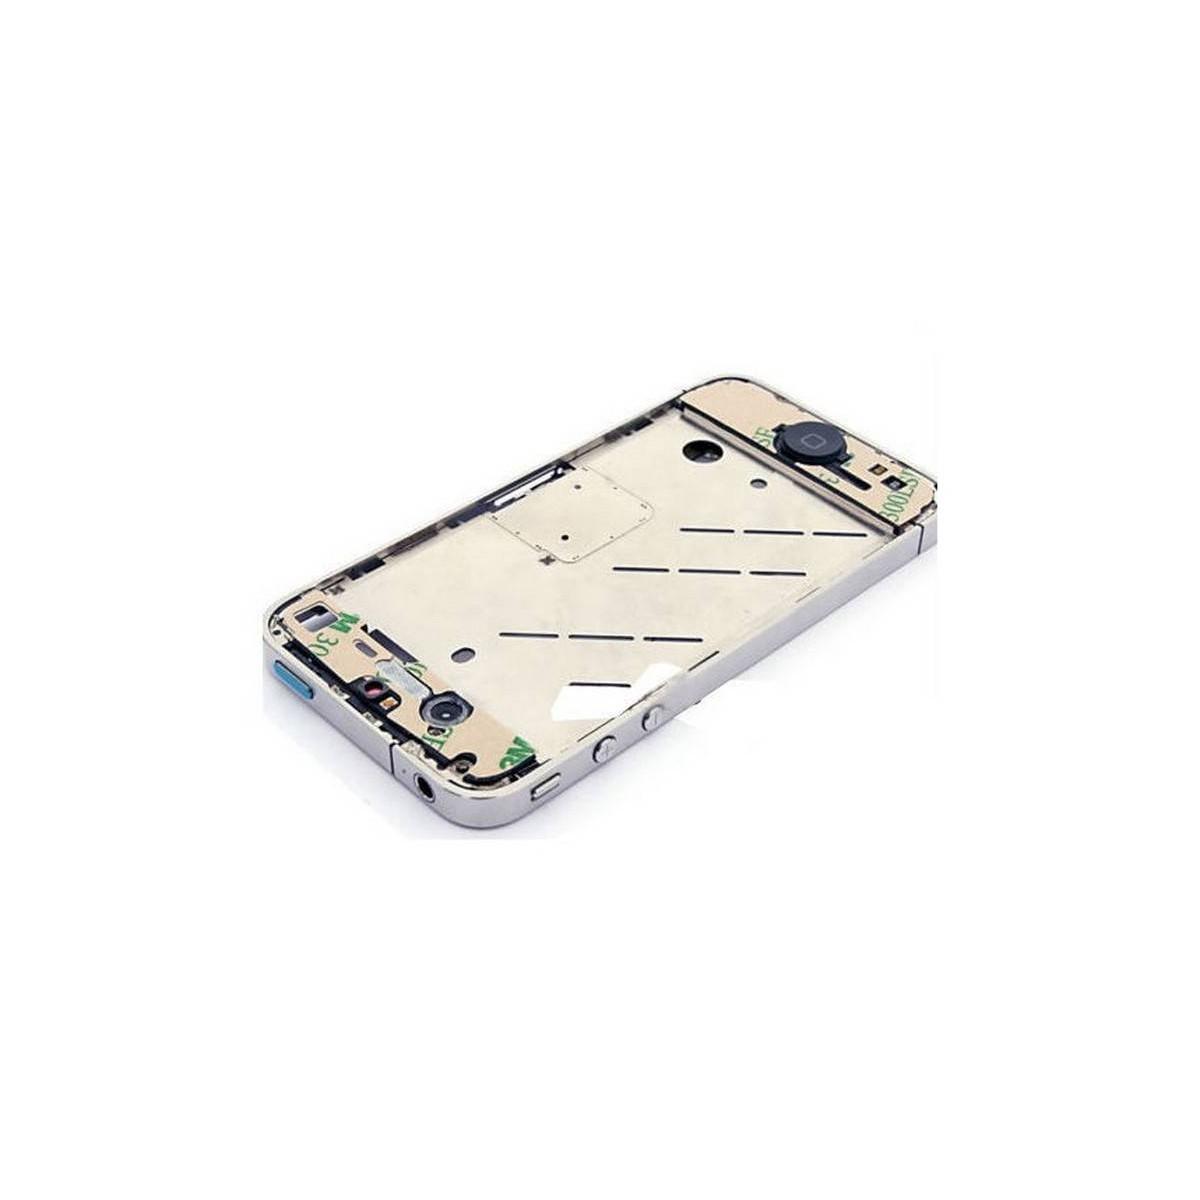 Carcasa trasera, chasis central y antenas de iPhone 4S